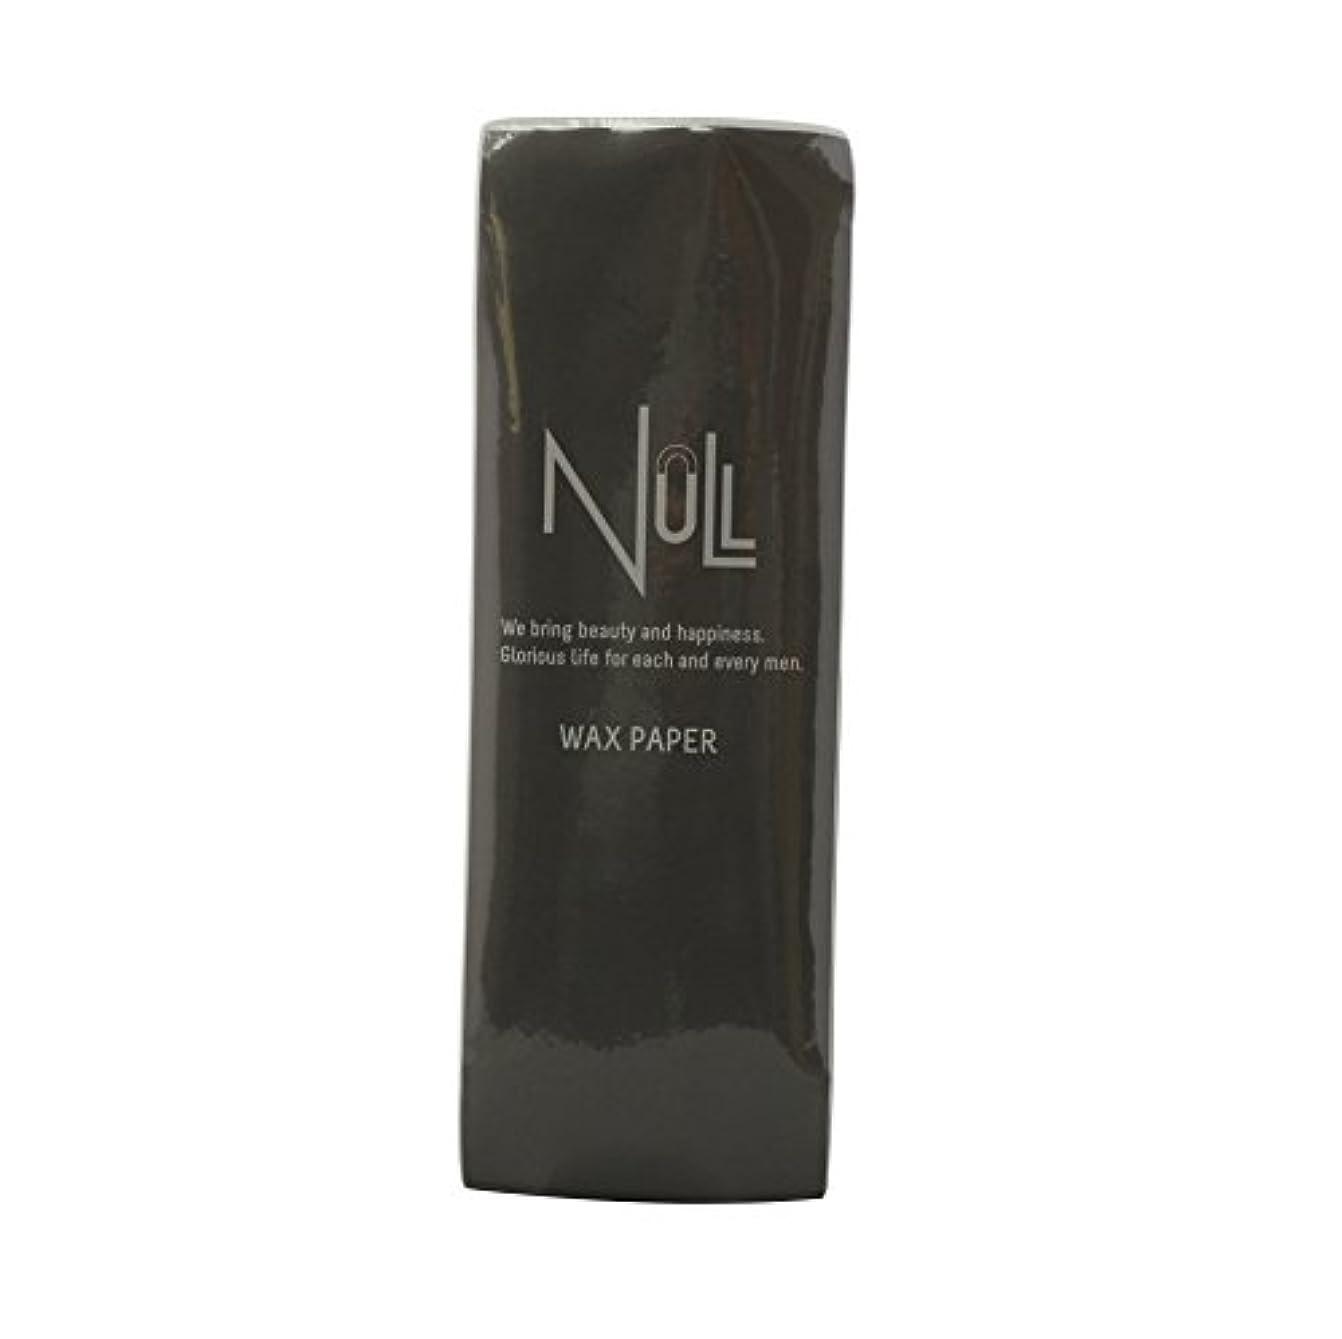 バレル振動する高価なNULL ブラジリアンワックス用ペーパー 100枚入り 70mm幅 ワックス脱毛 専用